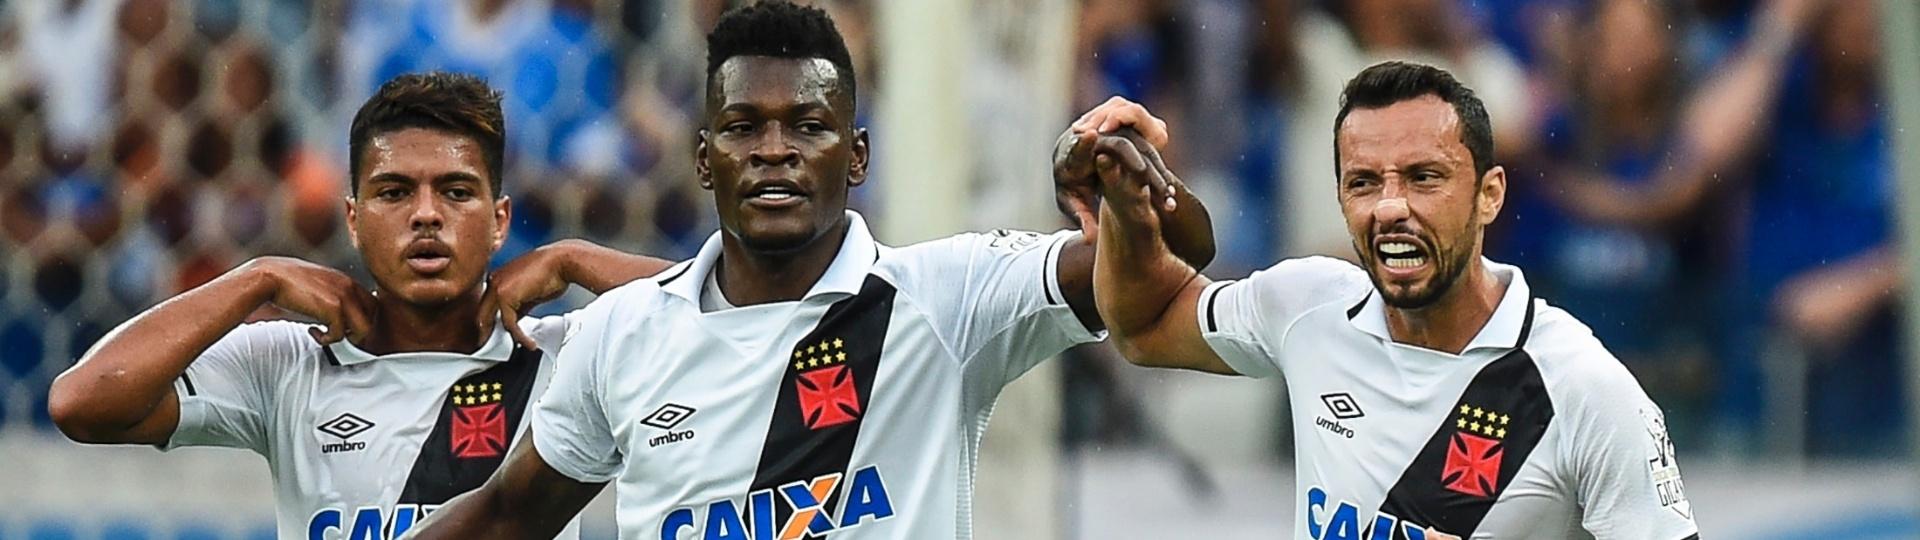 Paulão comemora gol do Vasco contra o Cruzeiro